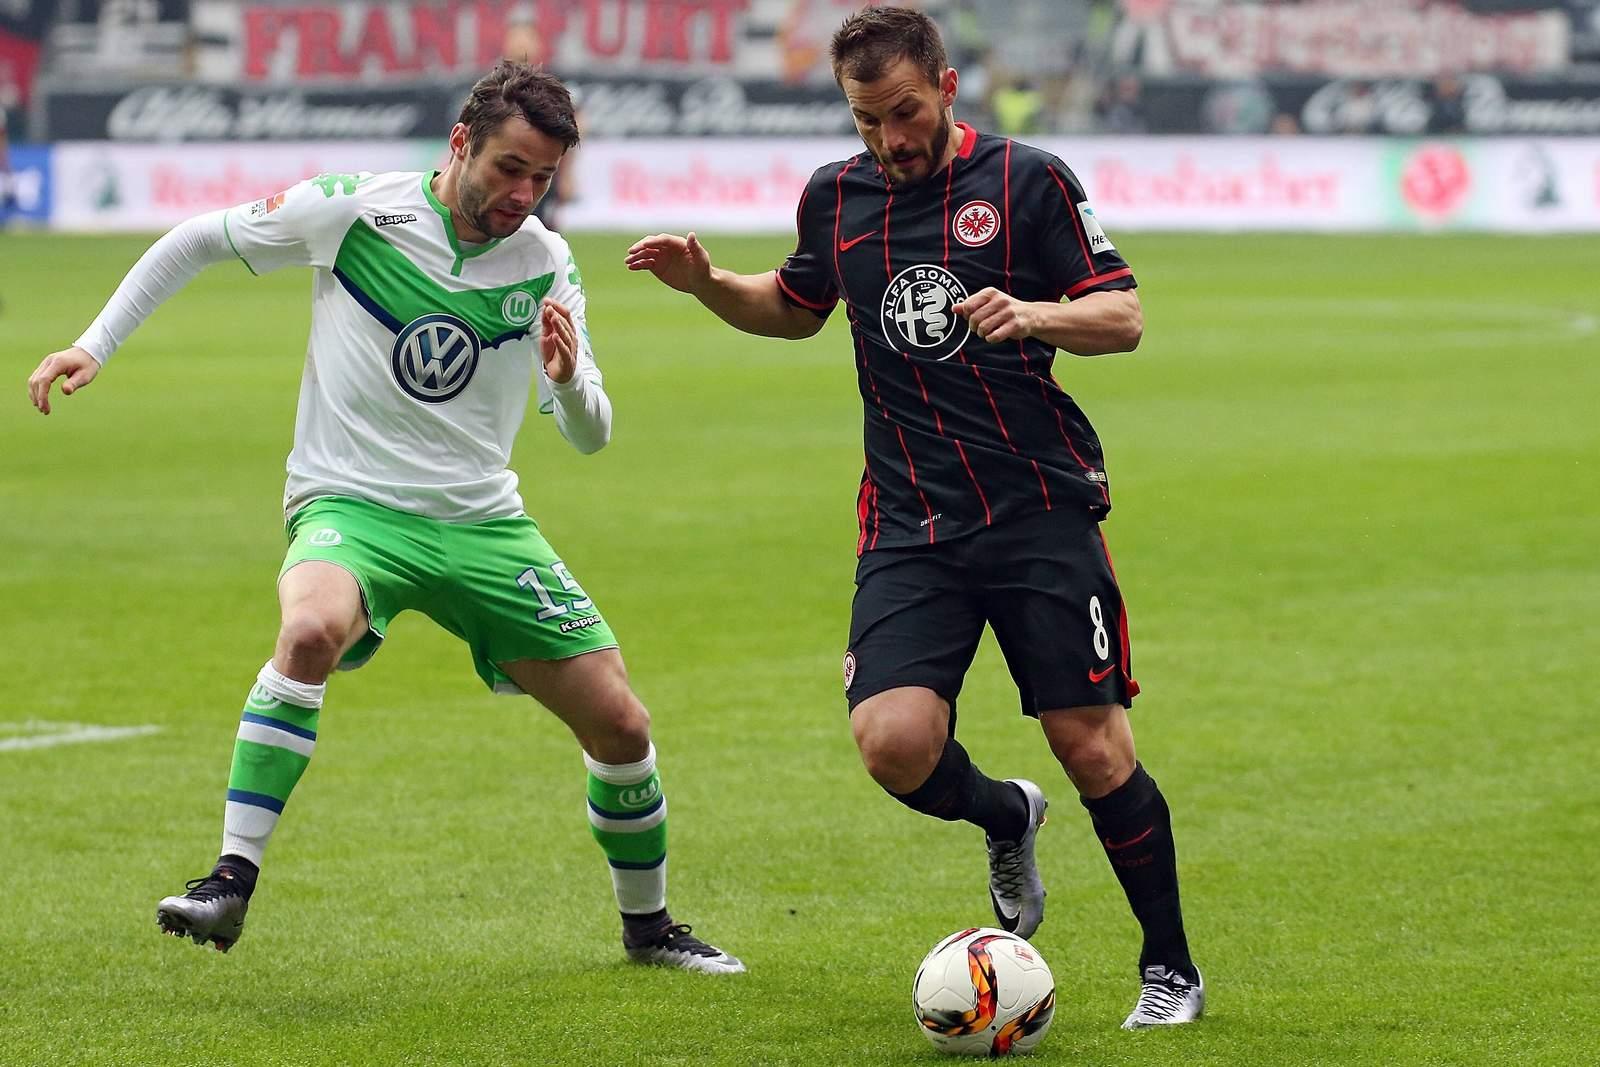 Christian Träsch bedrängt Szabolcs Huszti. Jetzt auf Wolfsburg gegen Frankfurt wetten!